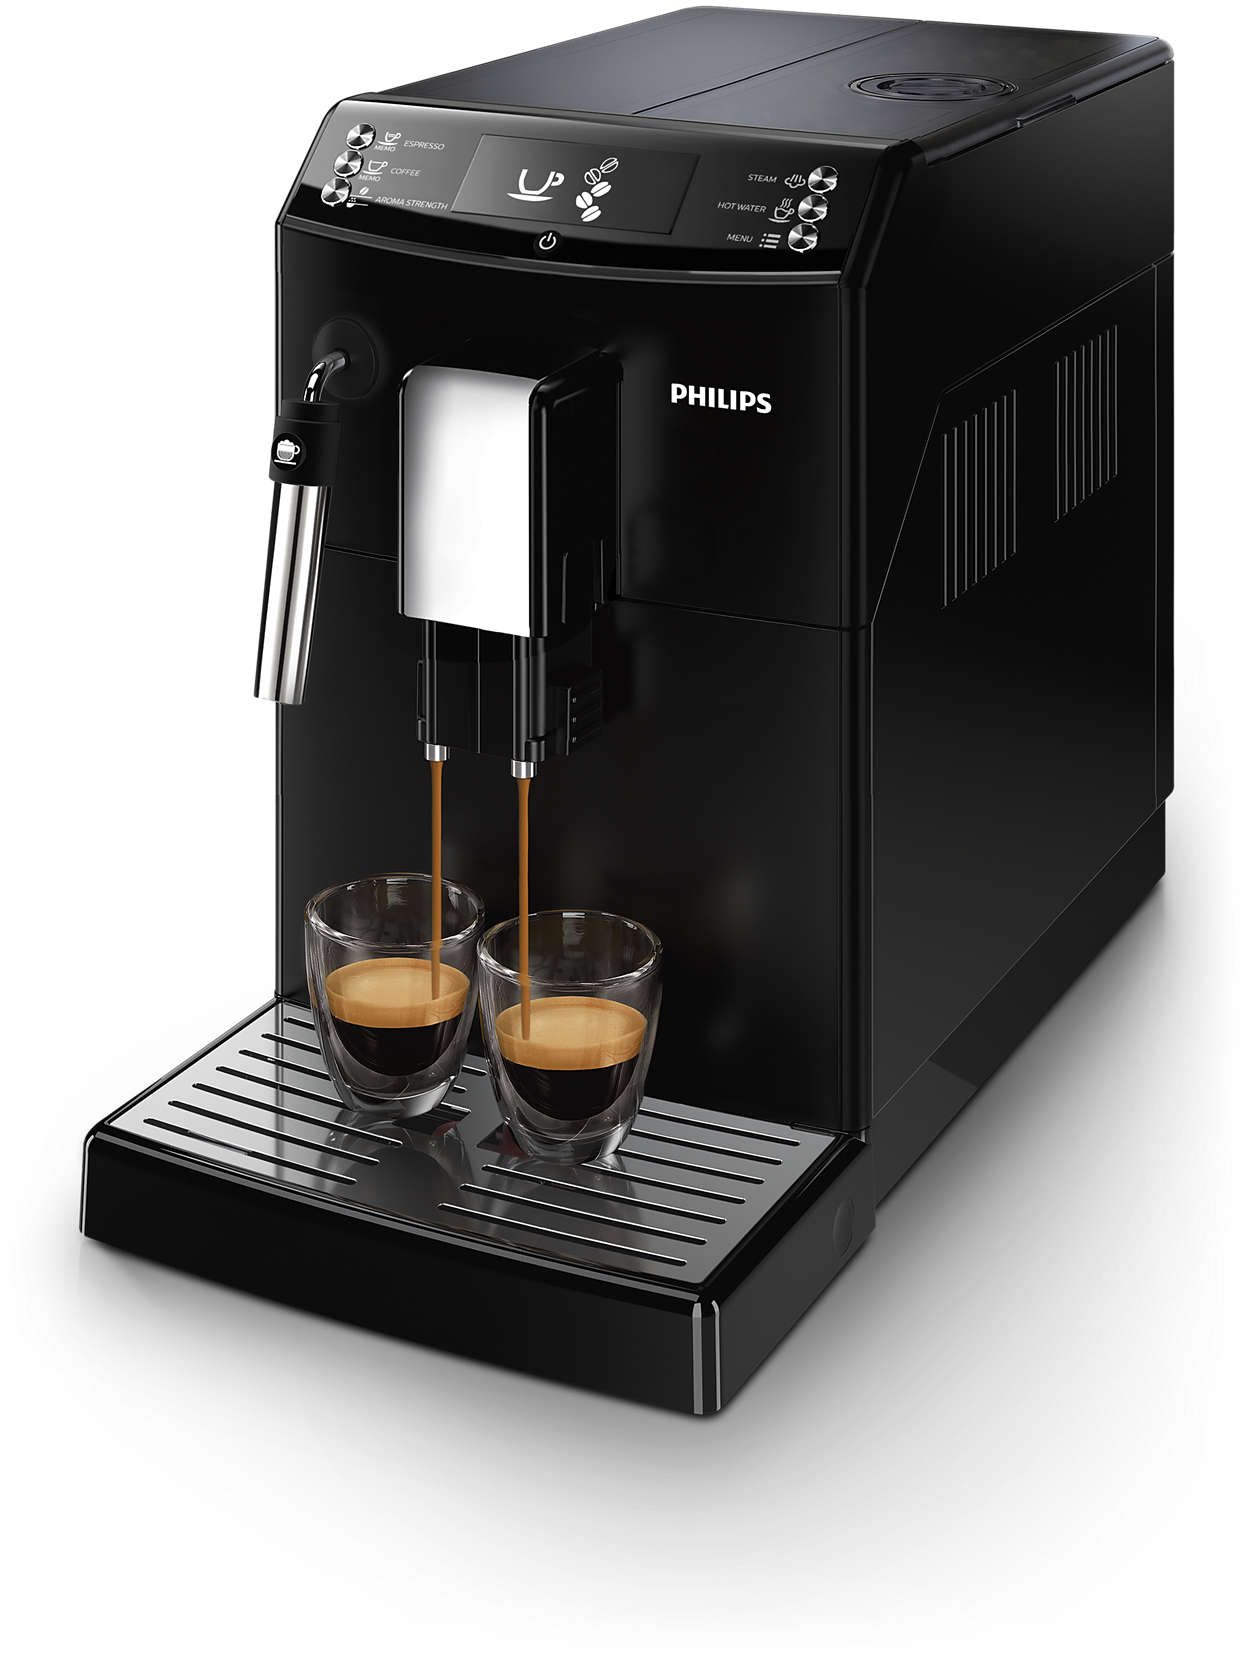 Kafija ar vienu pieskārienu, tieši jums vēlamajā veidā